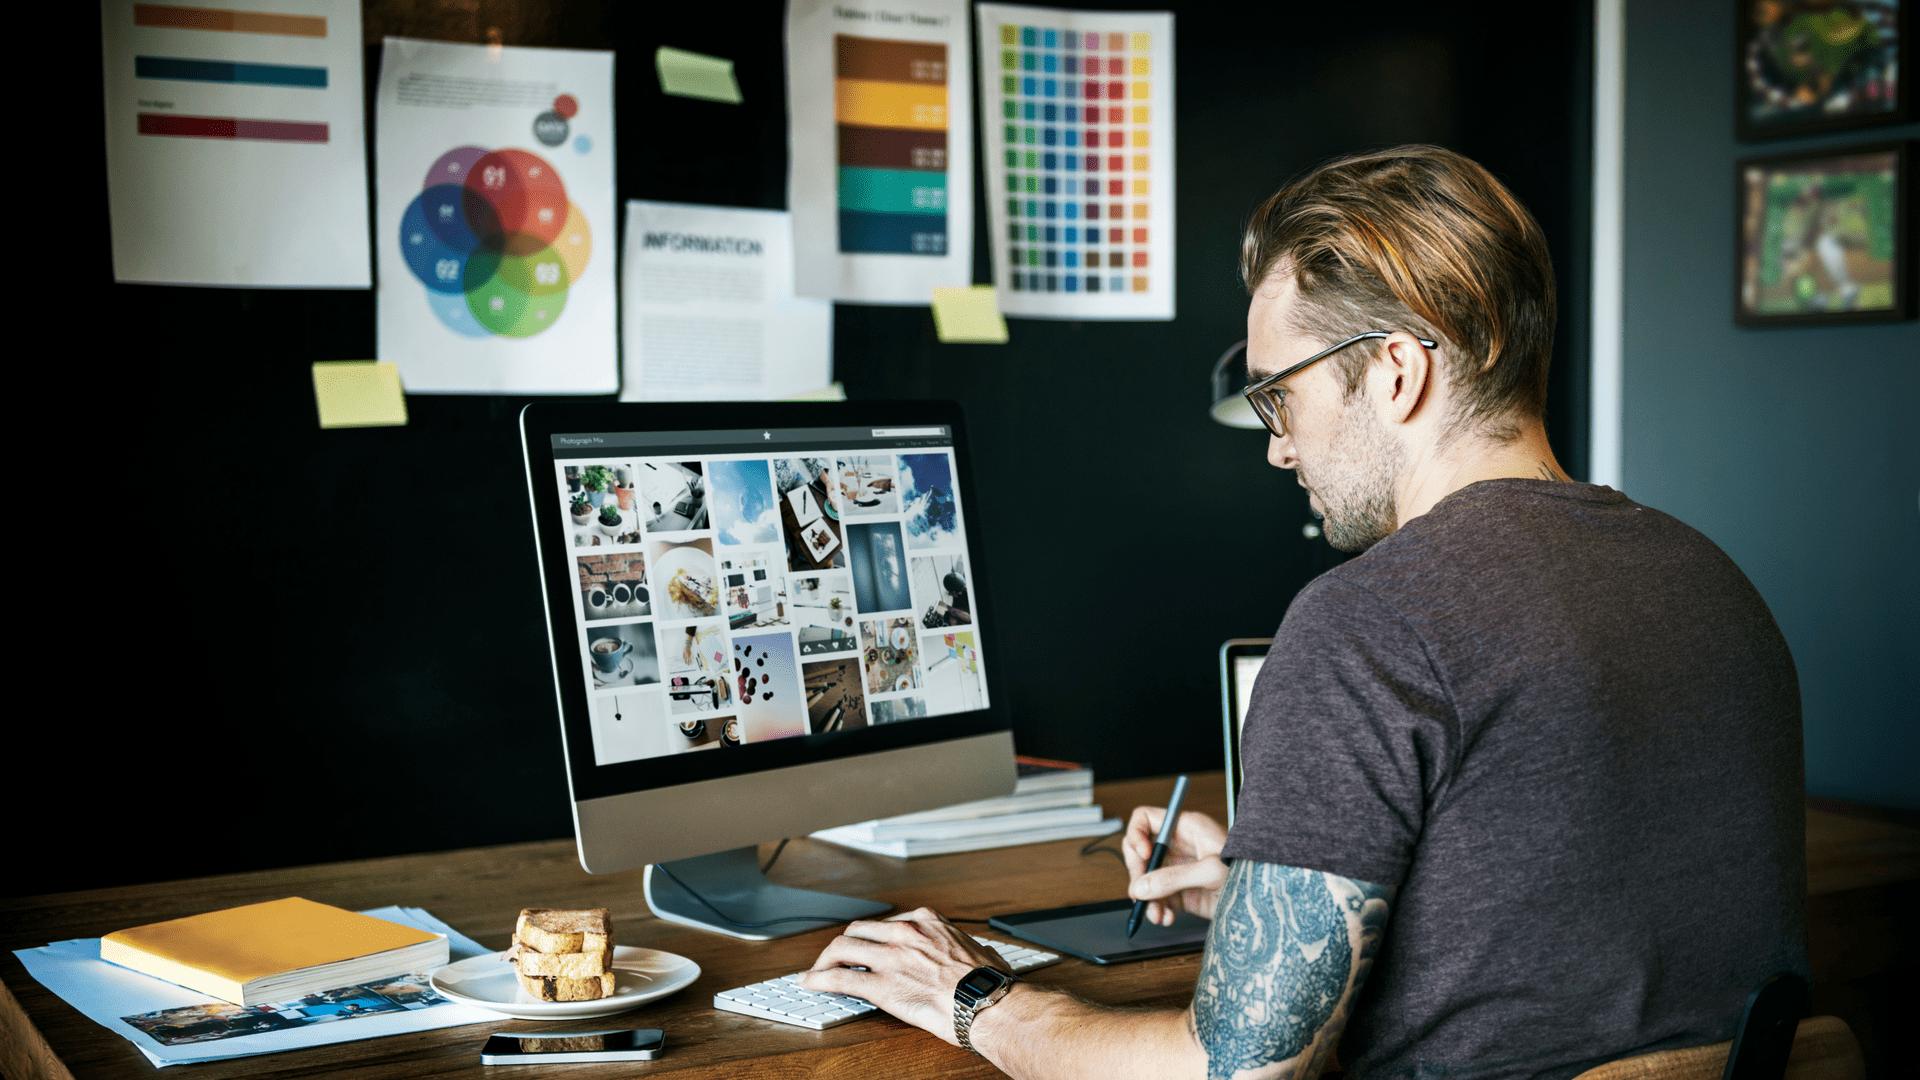 Diseñador trabajando